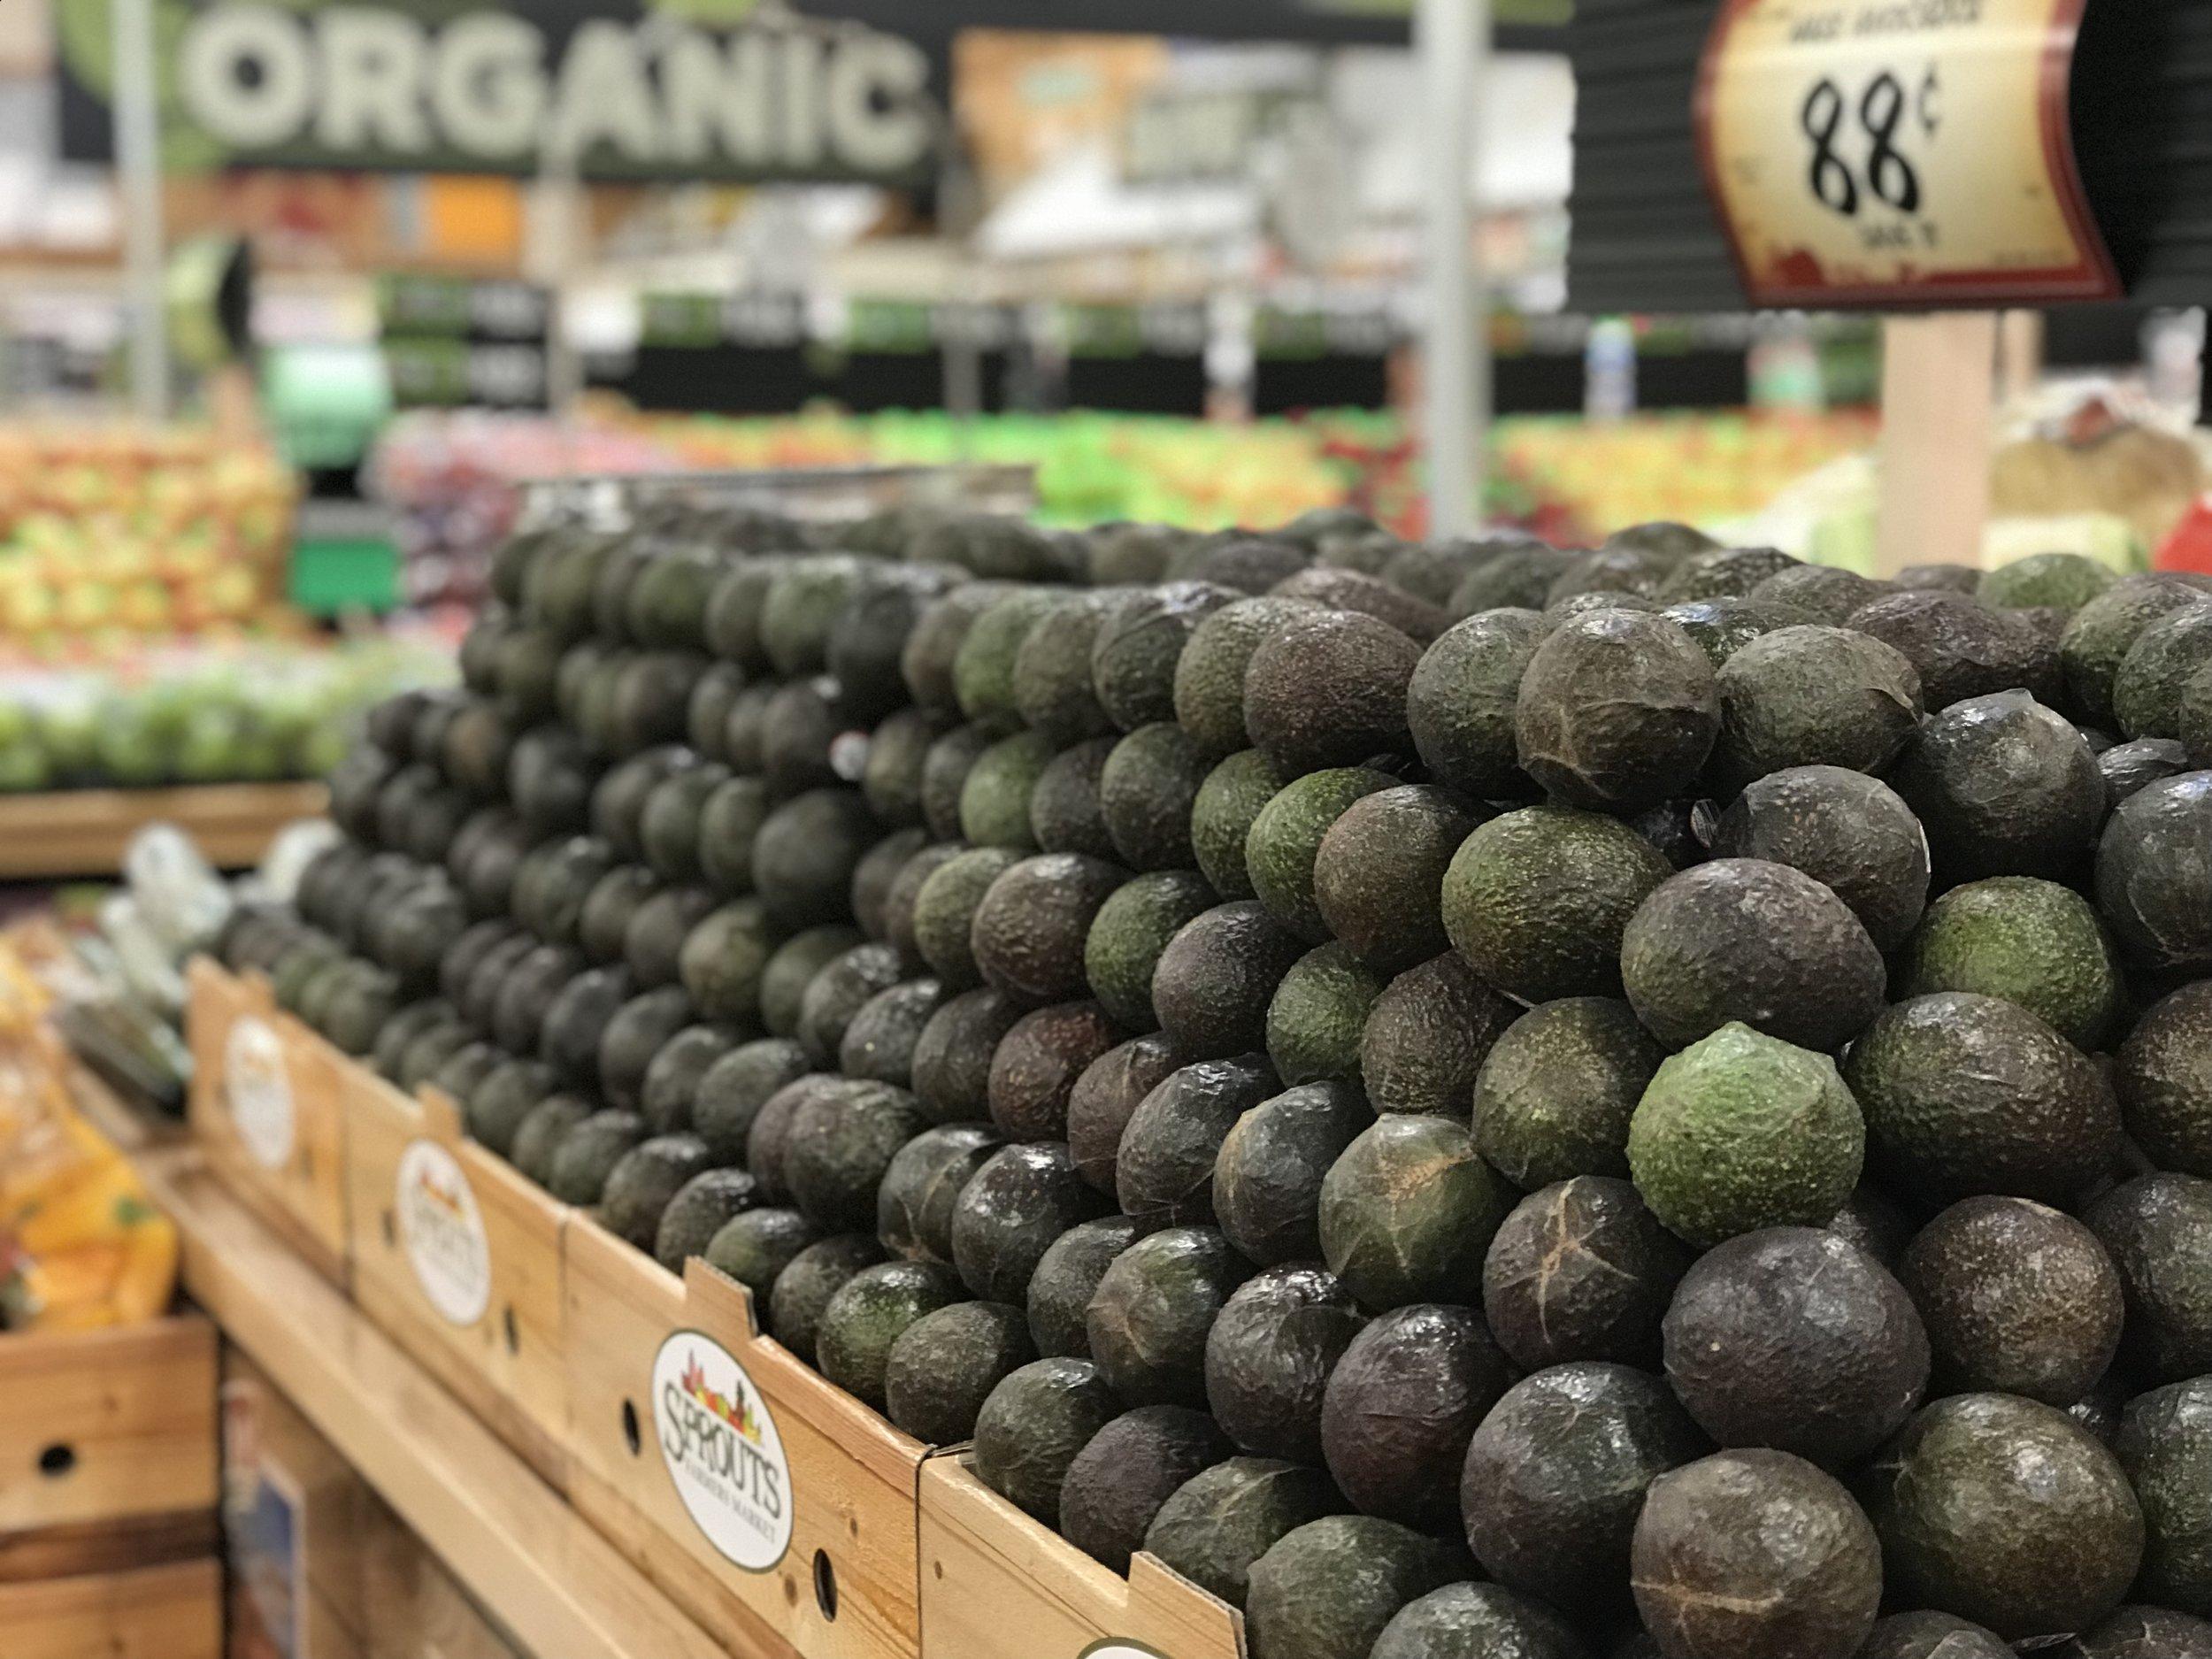 sp. avocados.jpg